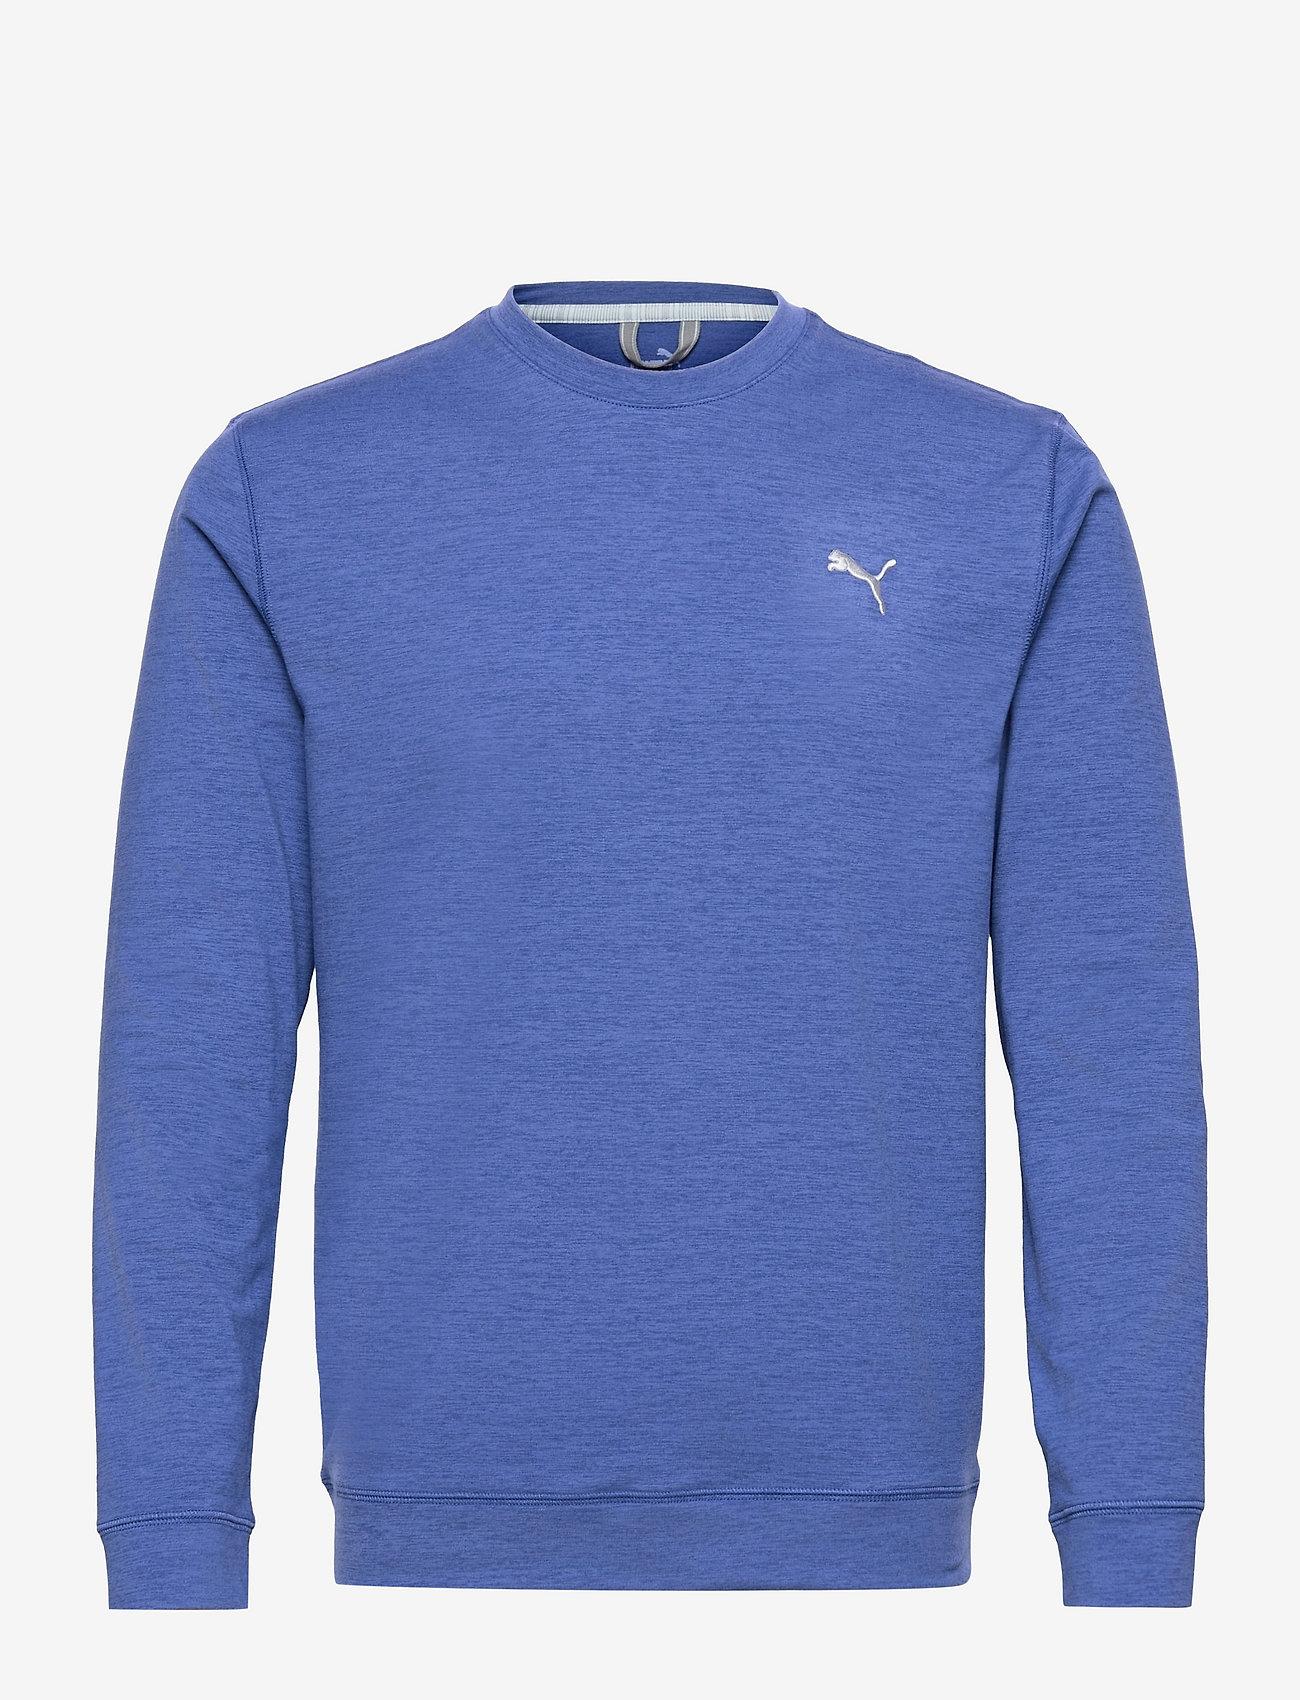 PUMA Golf - Cloudspun Crewneck - Överdelar - mazarine blue heather - 0